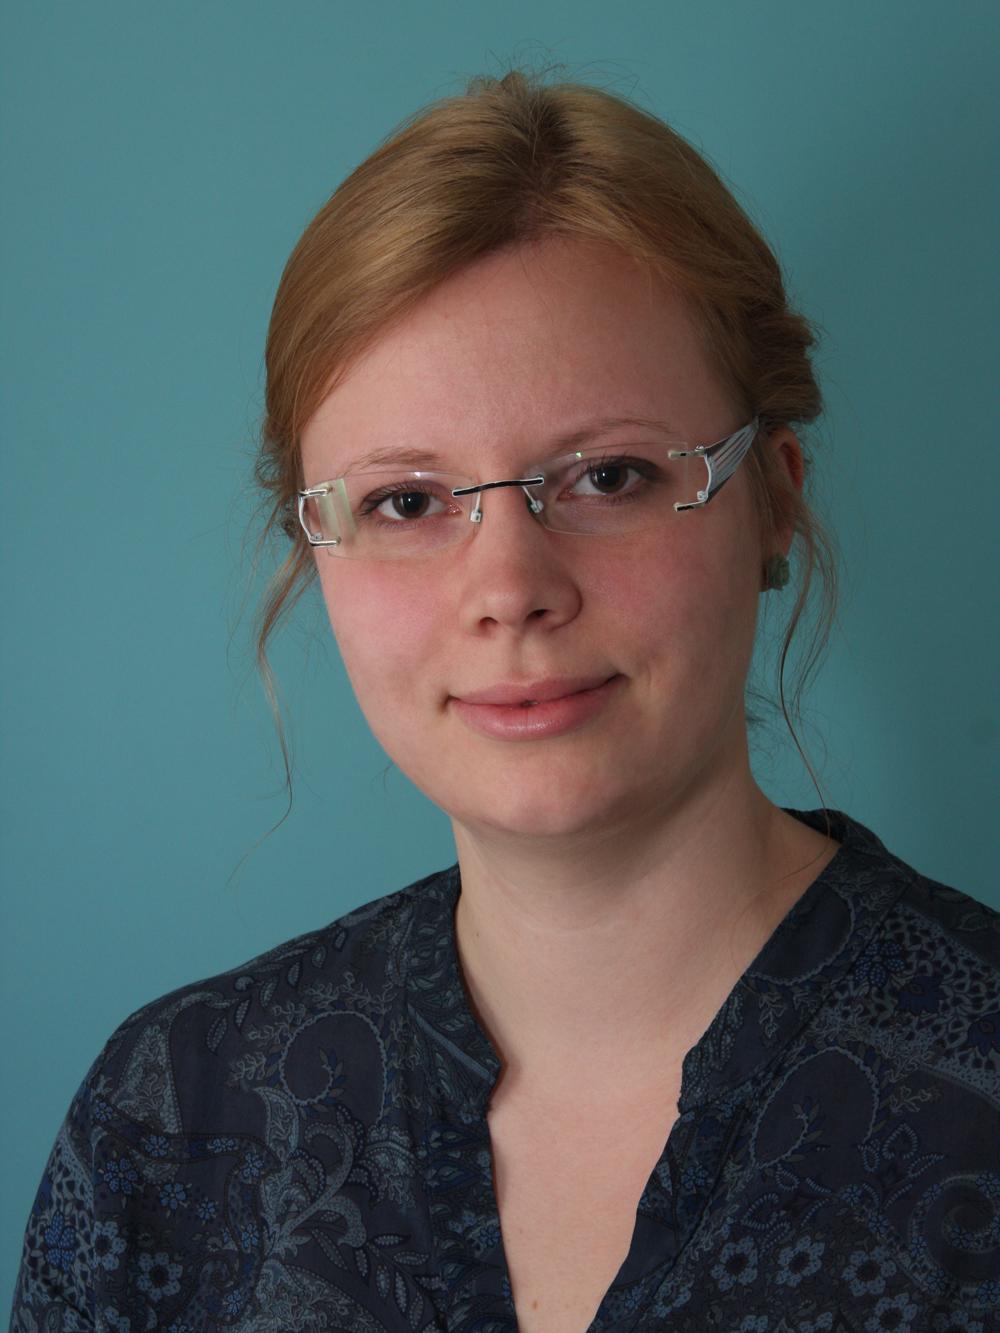 M. Sc. Annegret Habich